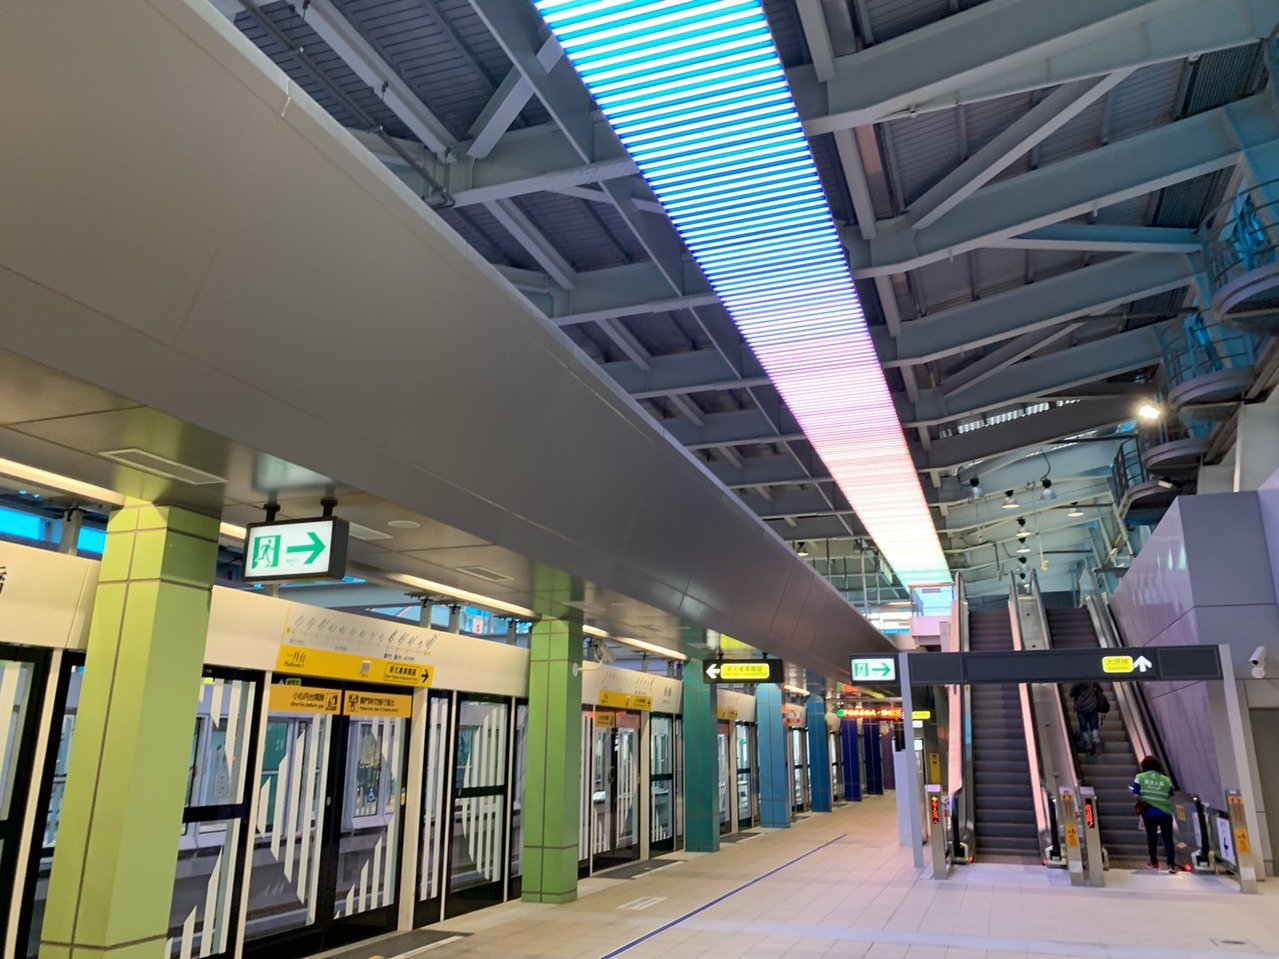 月台大廳上方也設有LED燈光,列車進站時會有色彩變化,讓車站更加動感。記者張曼蘋...